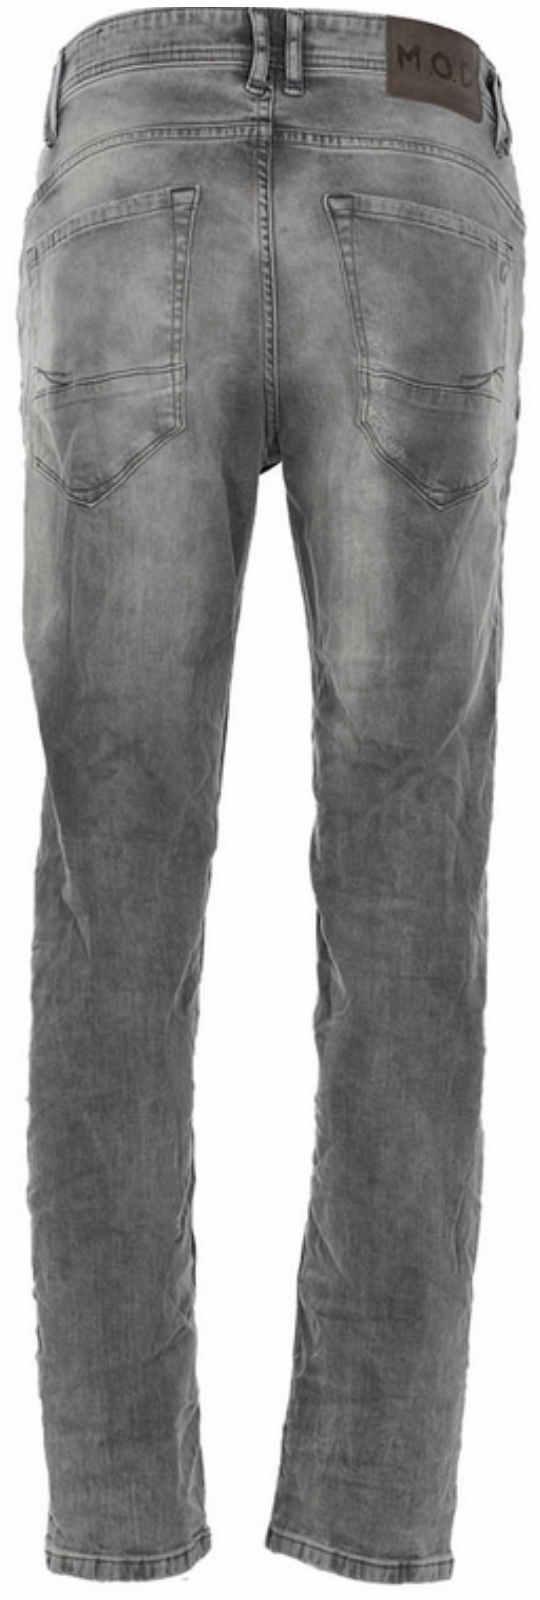 M.O.D Herren Jeans Ricardo Ricardo Ricardo Slim Fit SP18-1008 Hose NEU Stretch Leg Denim MOD bf9d15